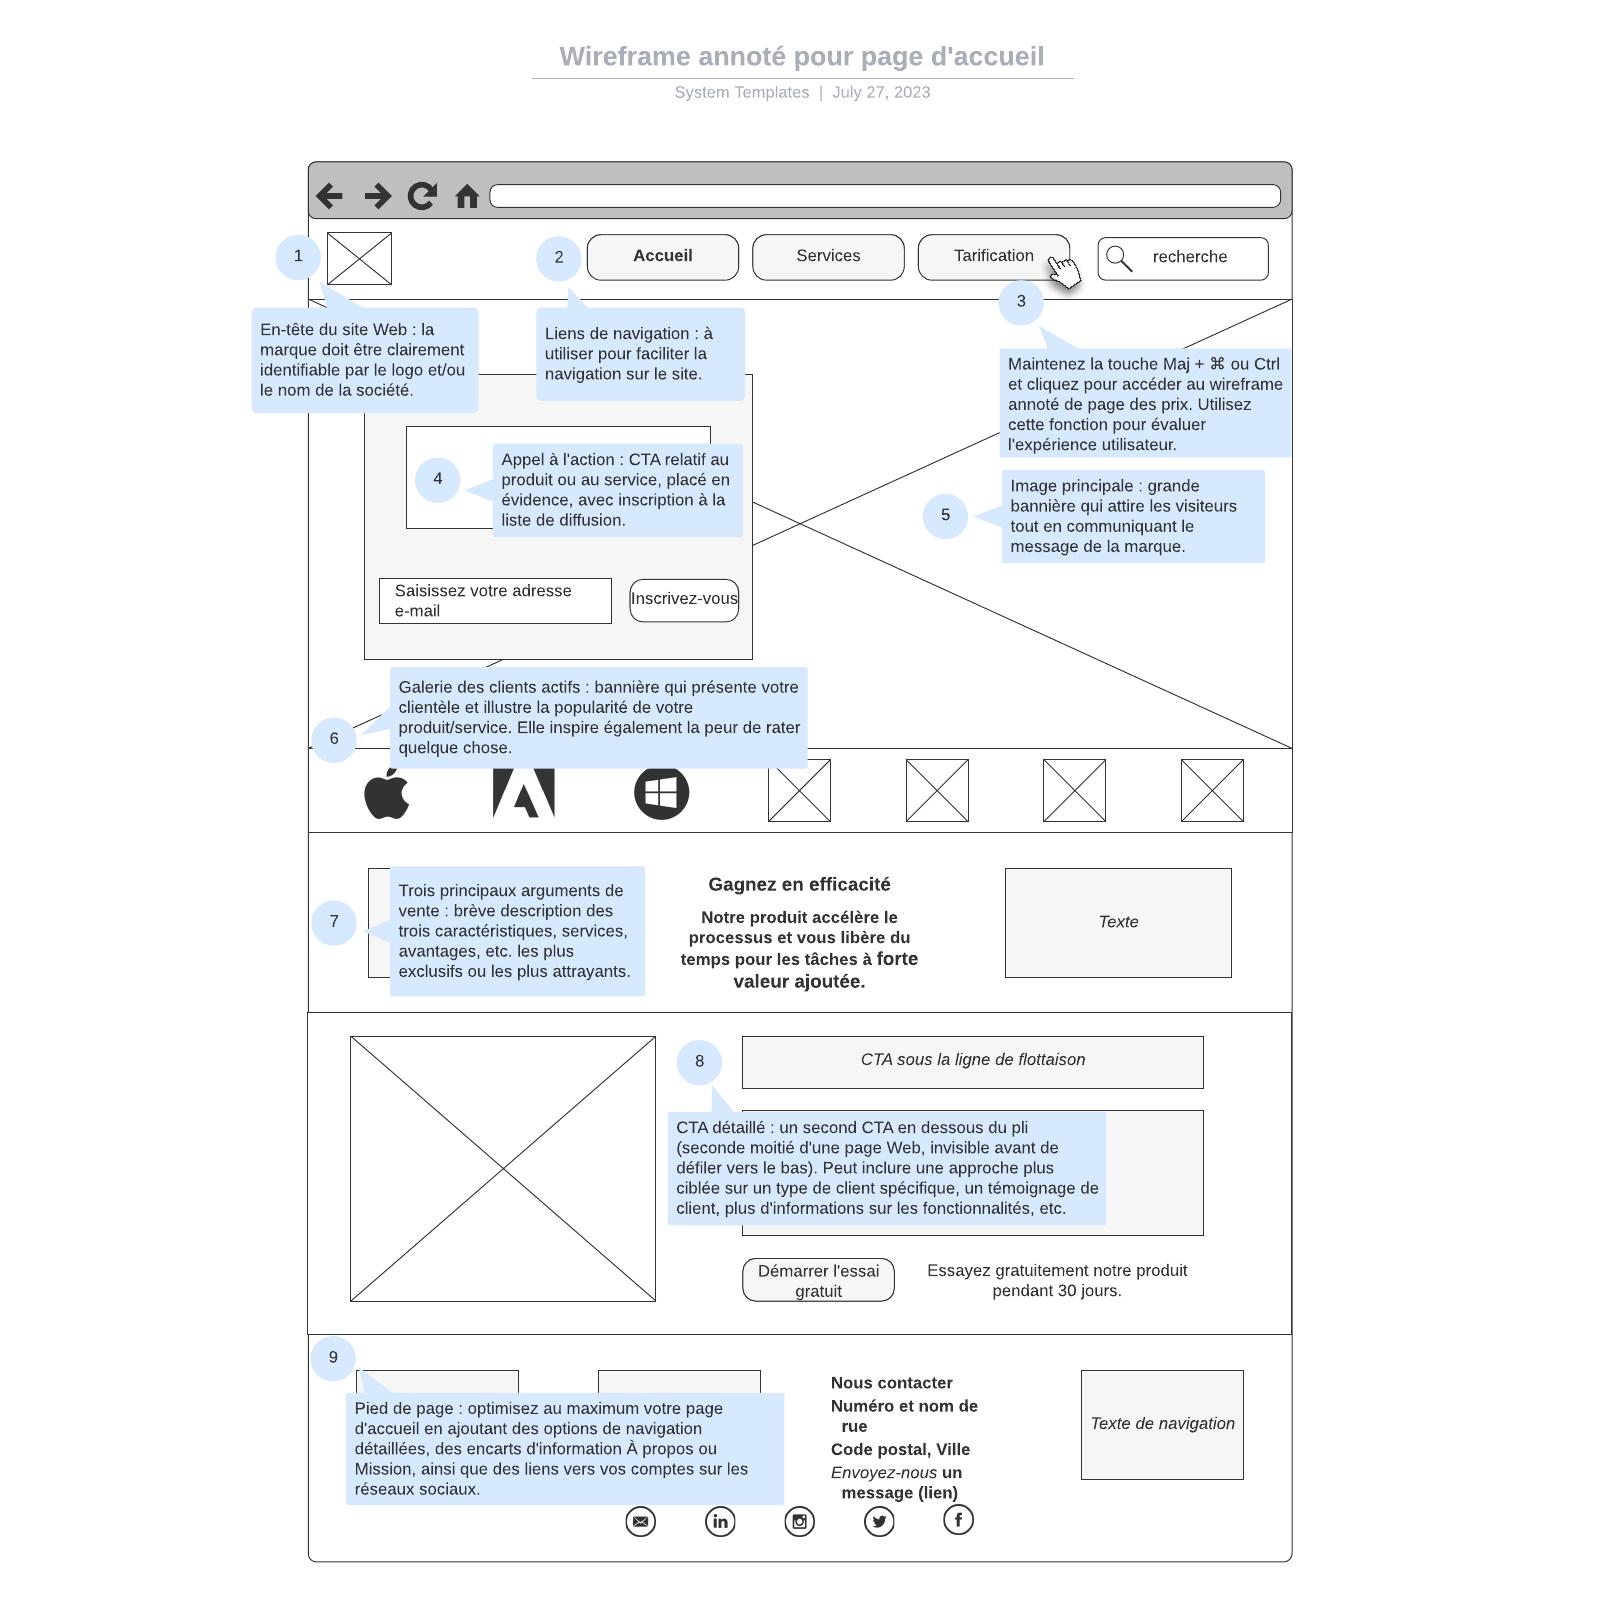 exemple de wireframe annoté pour page d'accueil